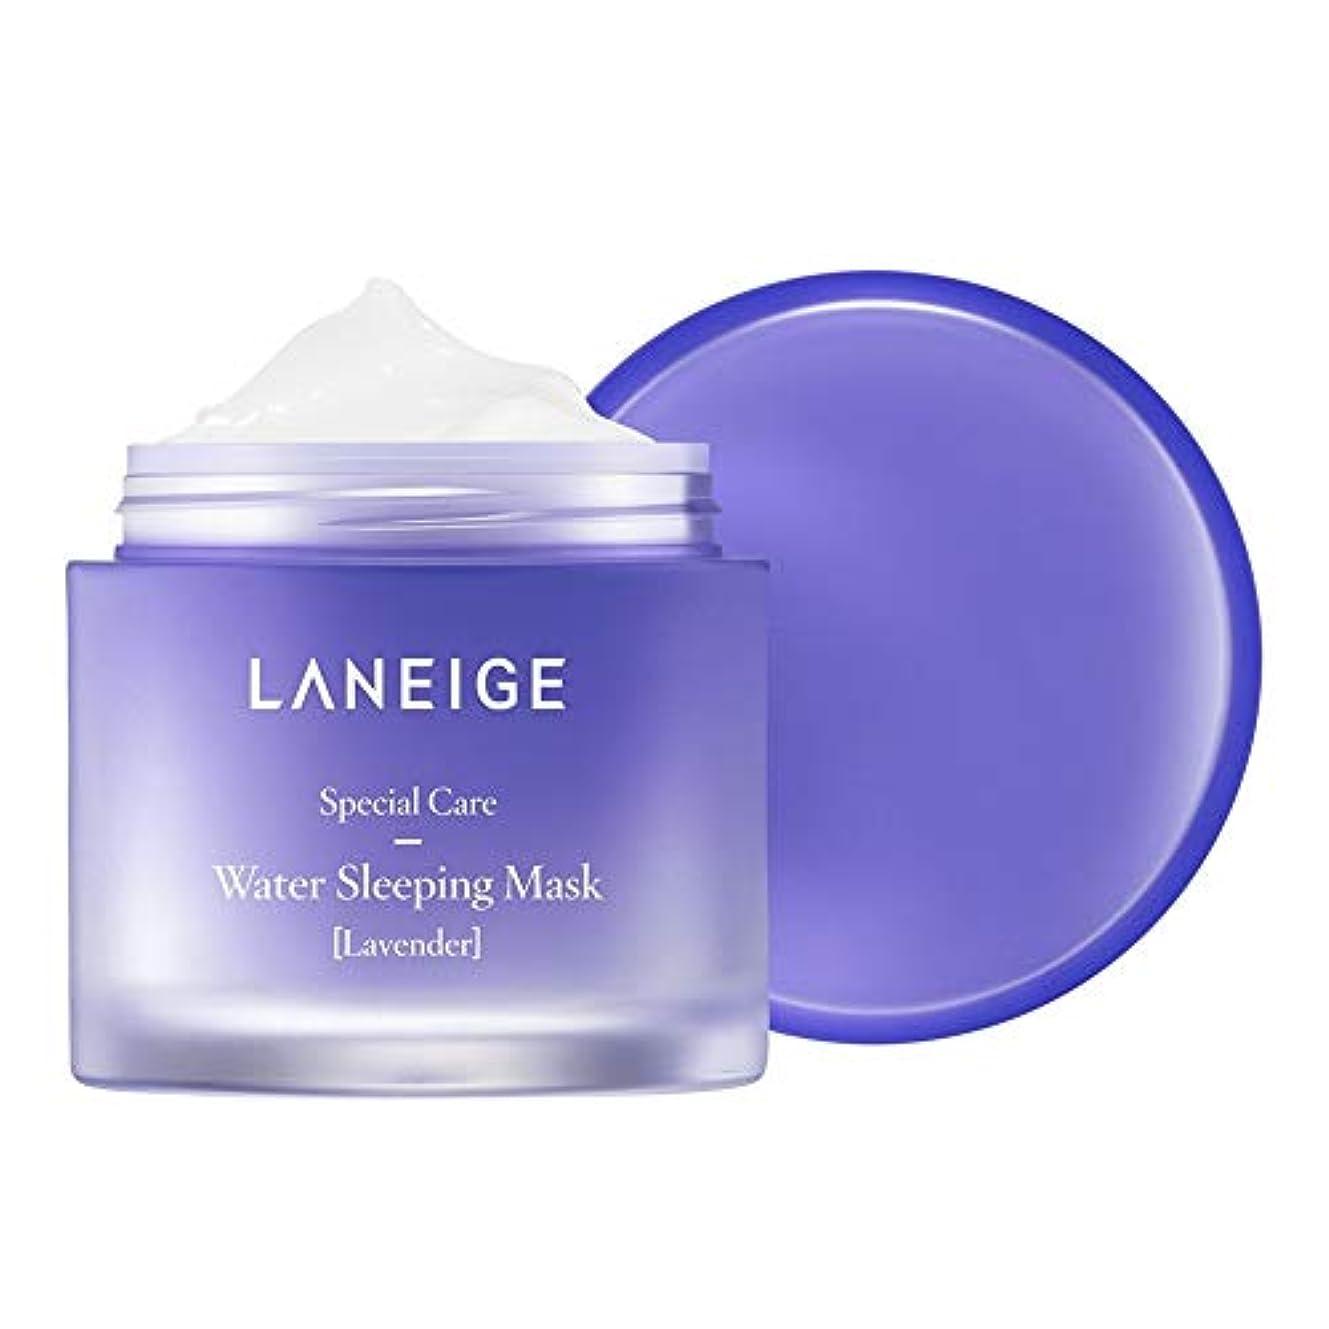 エキストラフィックシールドLANEIGE ラネージュ ウォータースリーピング マスク ラベンダー2017 New リフィルミーバージョン 70ml Water Sleeping Mask 2017 Lavender [海外直送品]